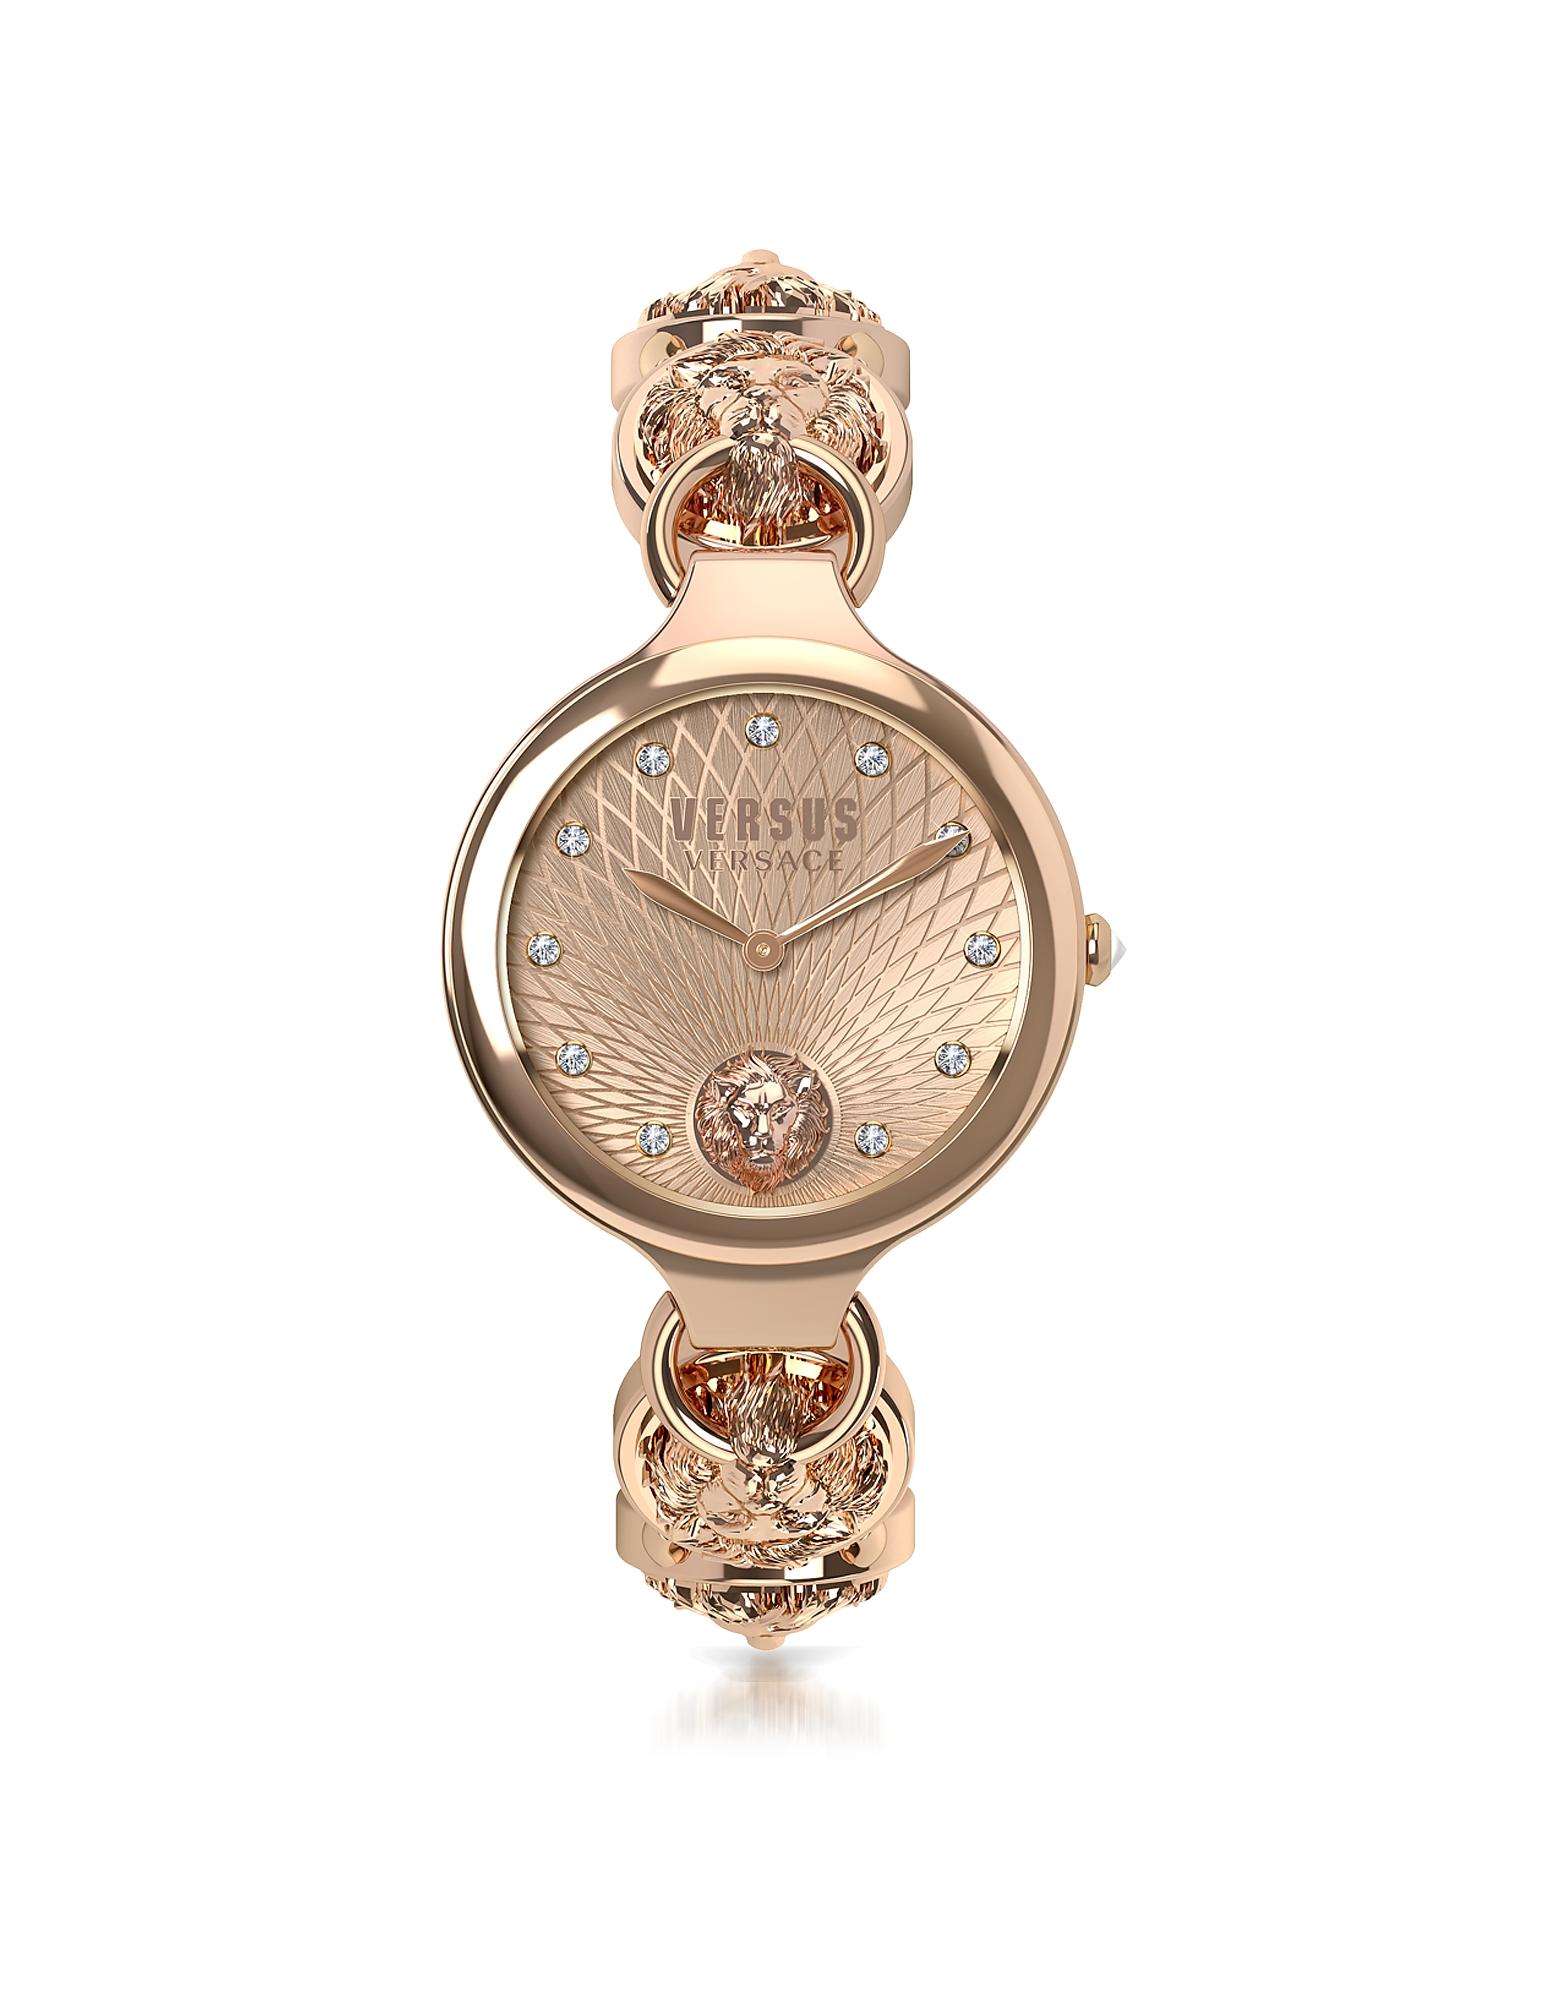 Broadwood - Женские Часы из Нержавеющей Стали Оттенка Розового Золота с Браслетом и Кристаллами